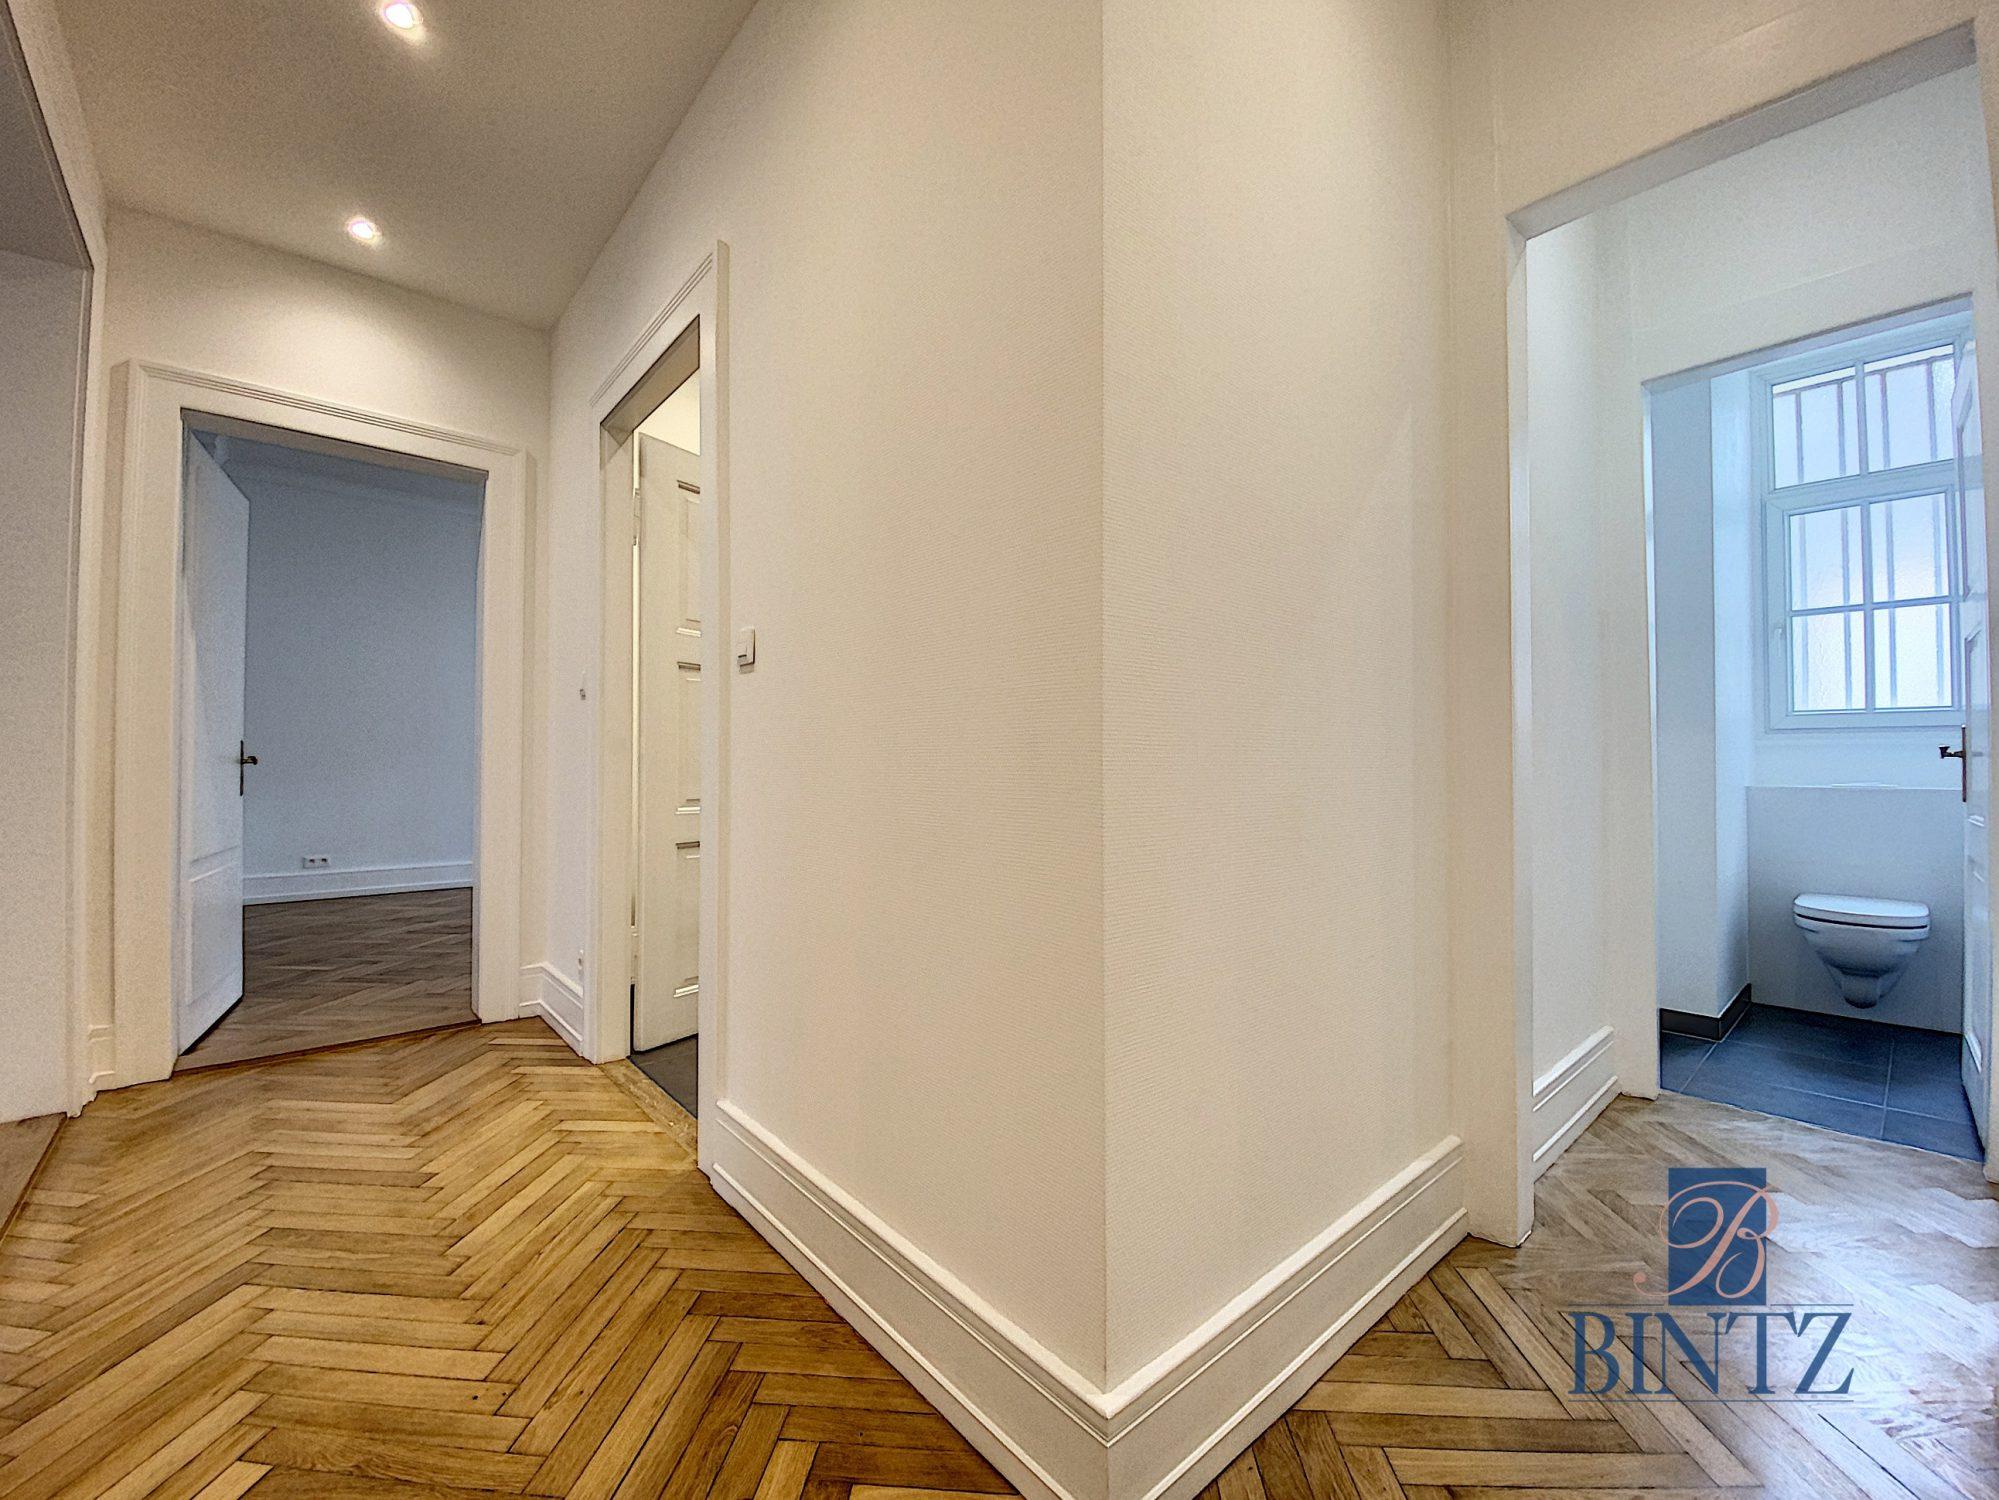 SUPERBE 4 PIECES ENTRE JARDIN BOTANIQUE ET ORANGERIE - Devenez locataire en toute sérénité - Bintz Immobilier - 12